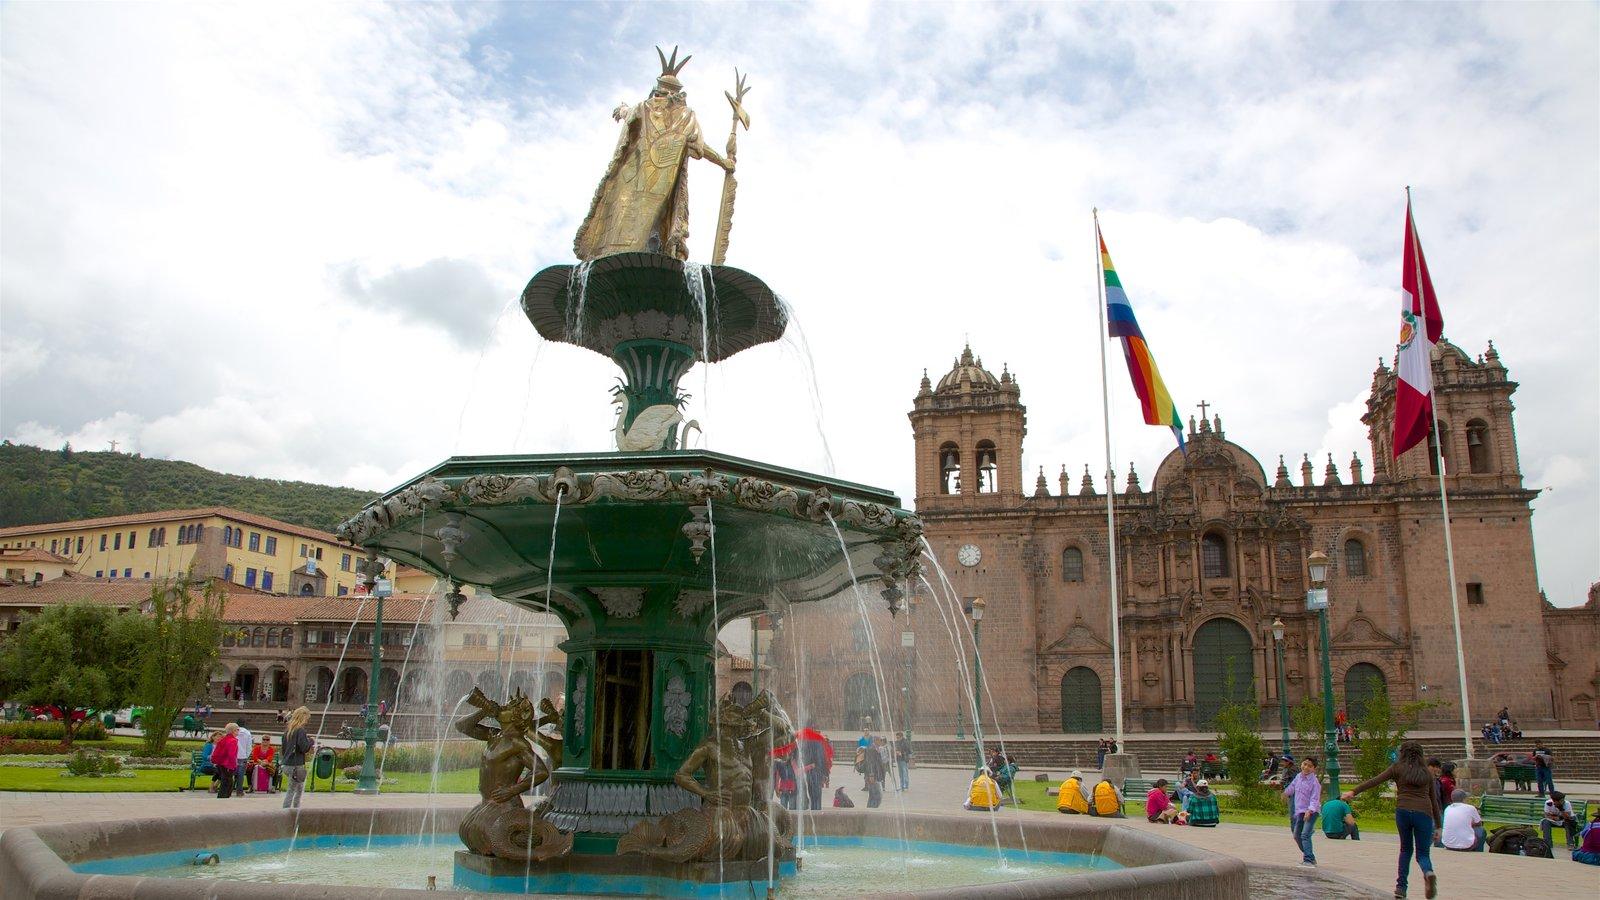 Plaza de Armas caracterizando elementos de patrimônio, arquitetura de patrimônio e uma fonte